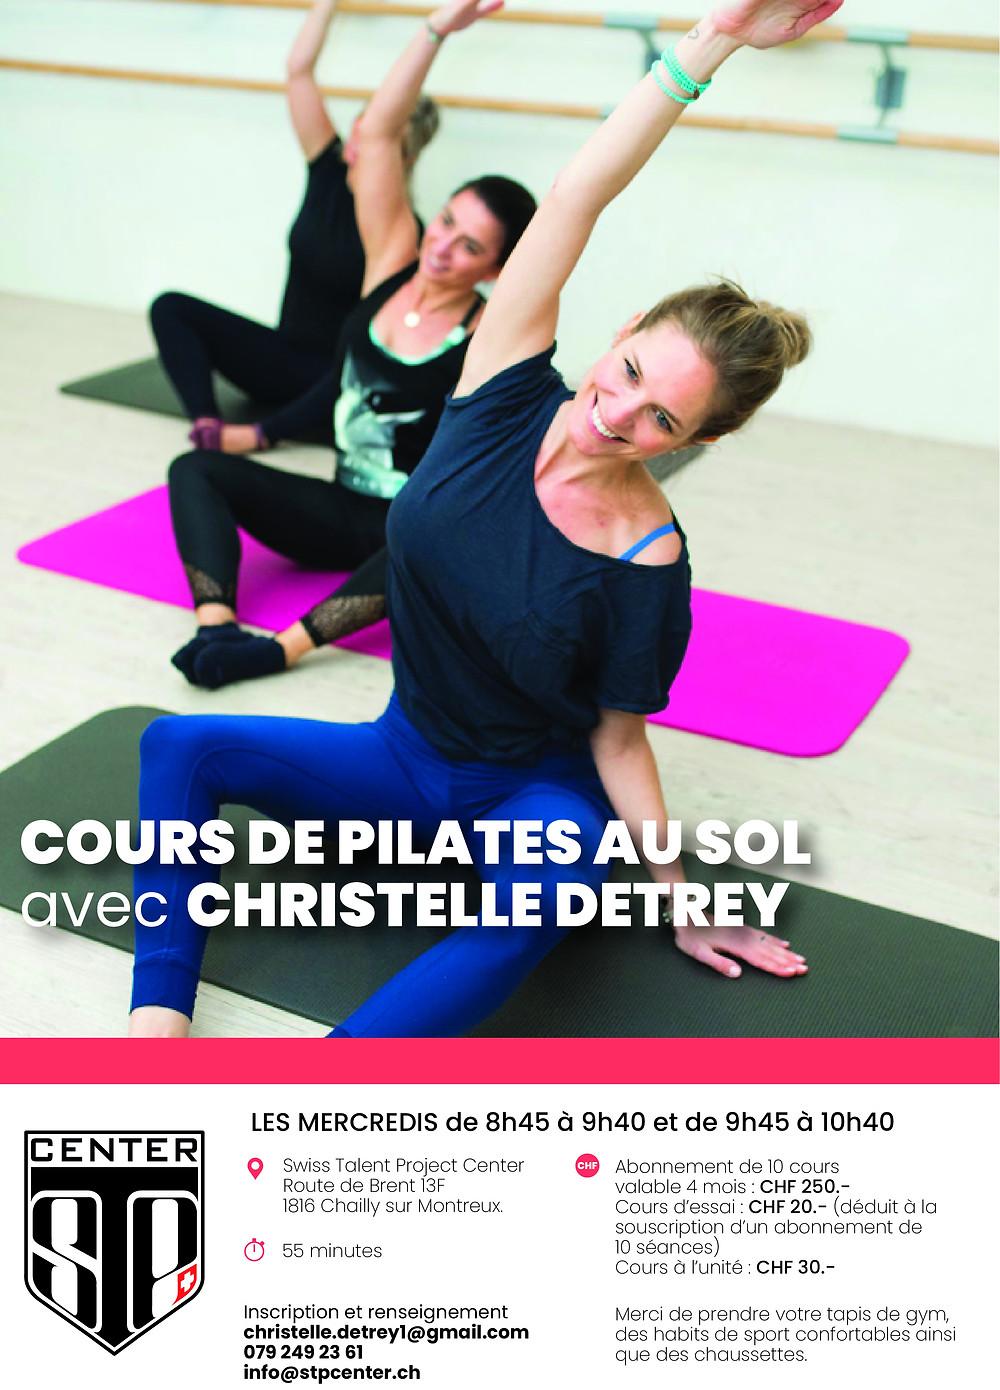 Christelle Detrey